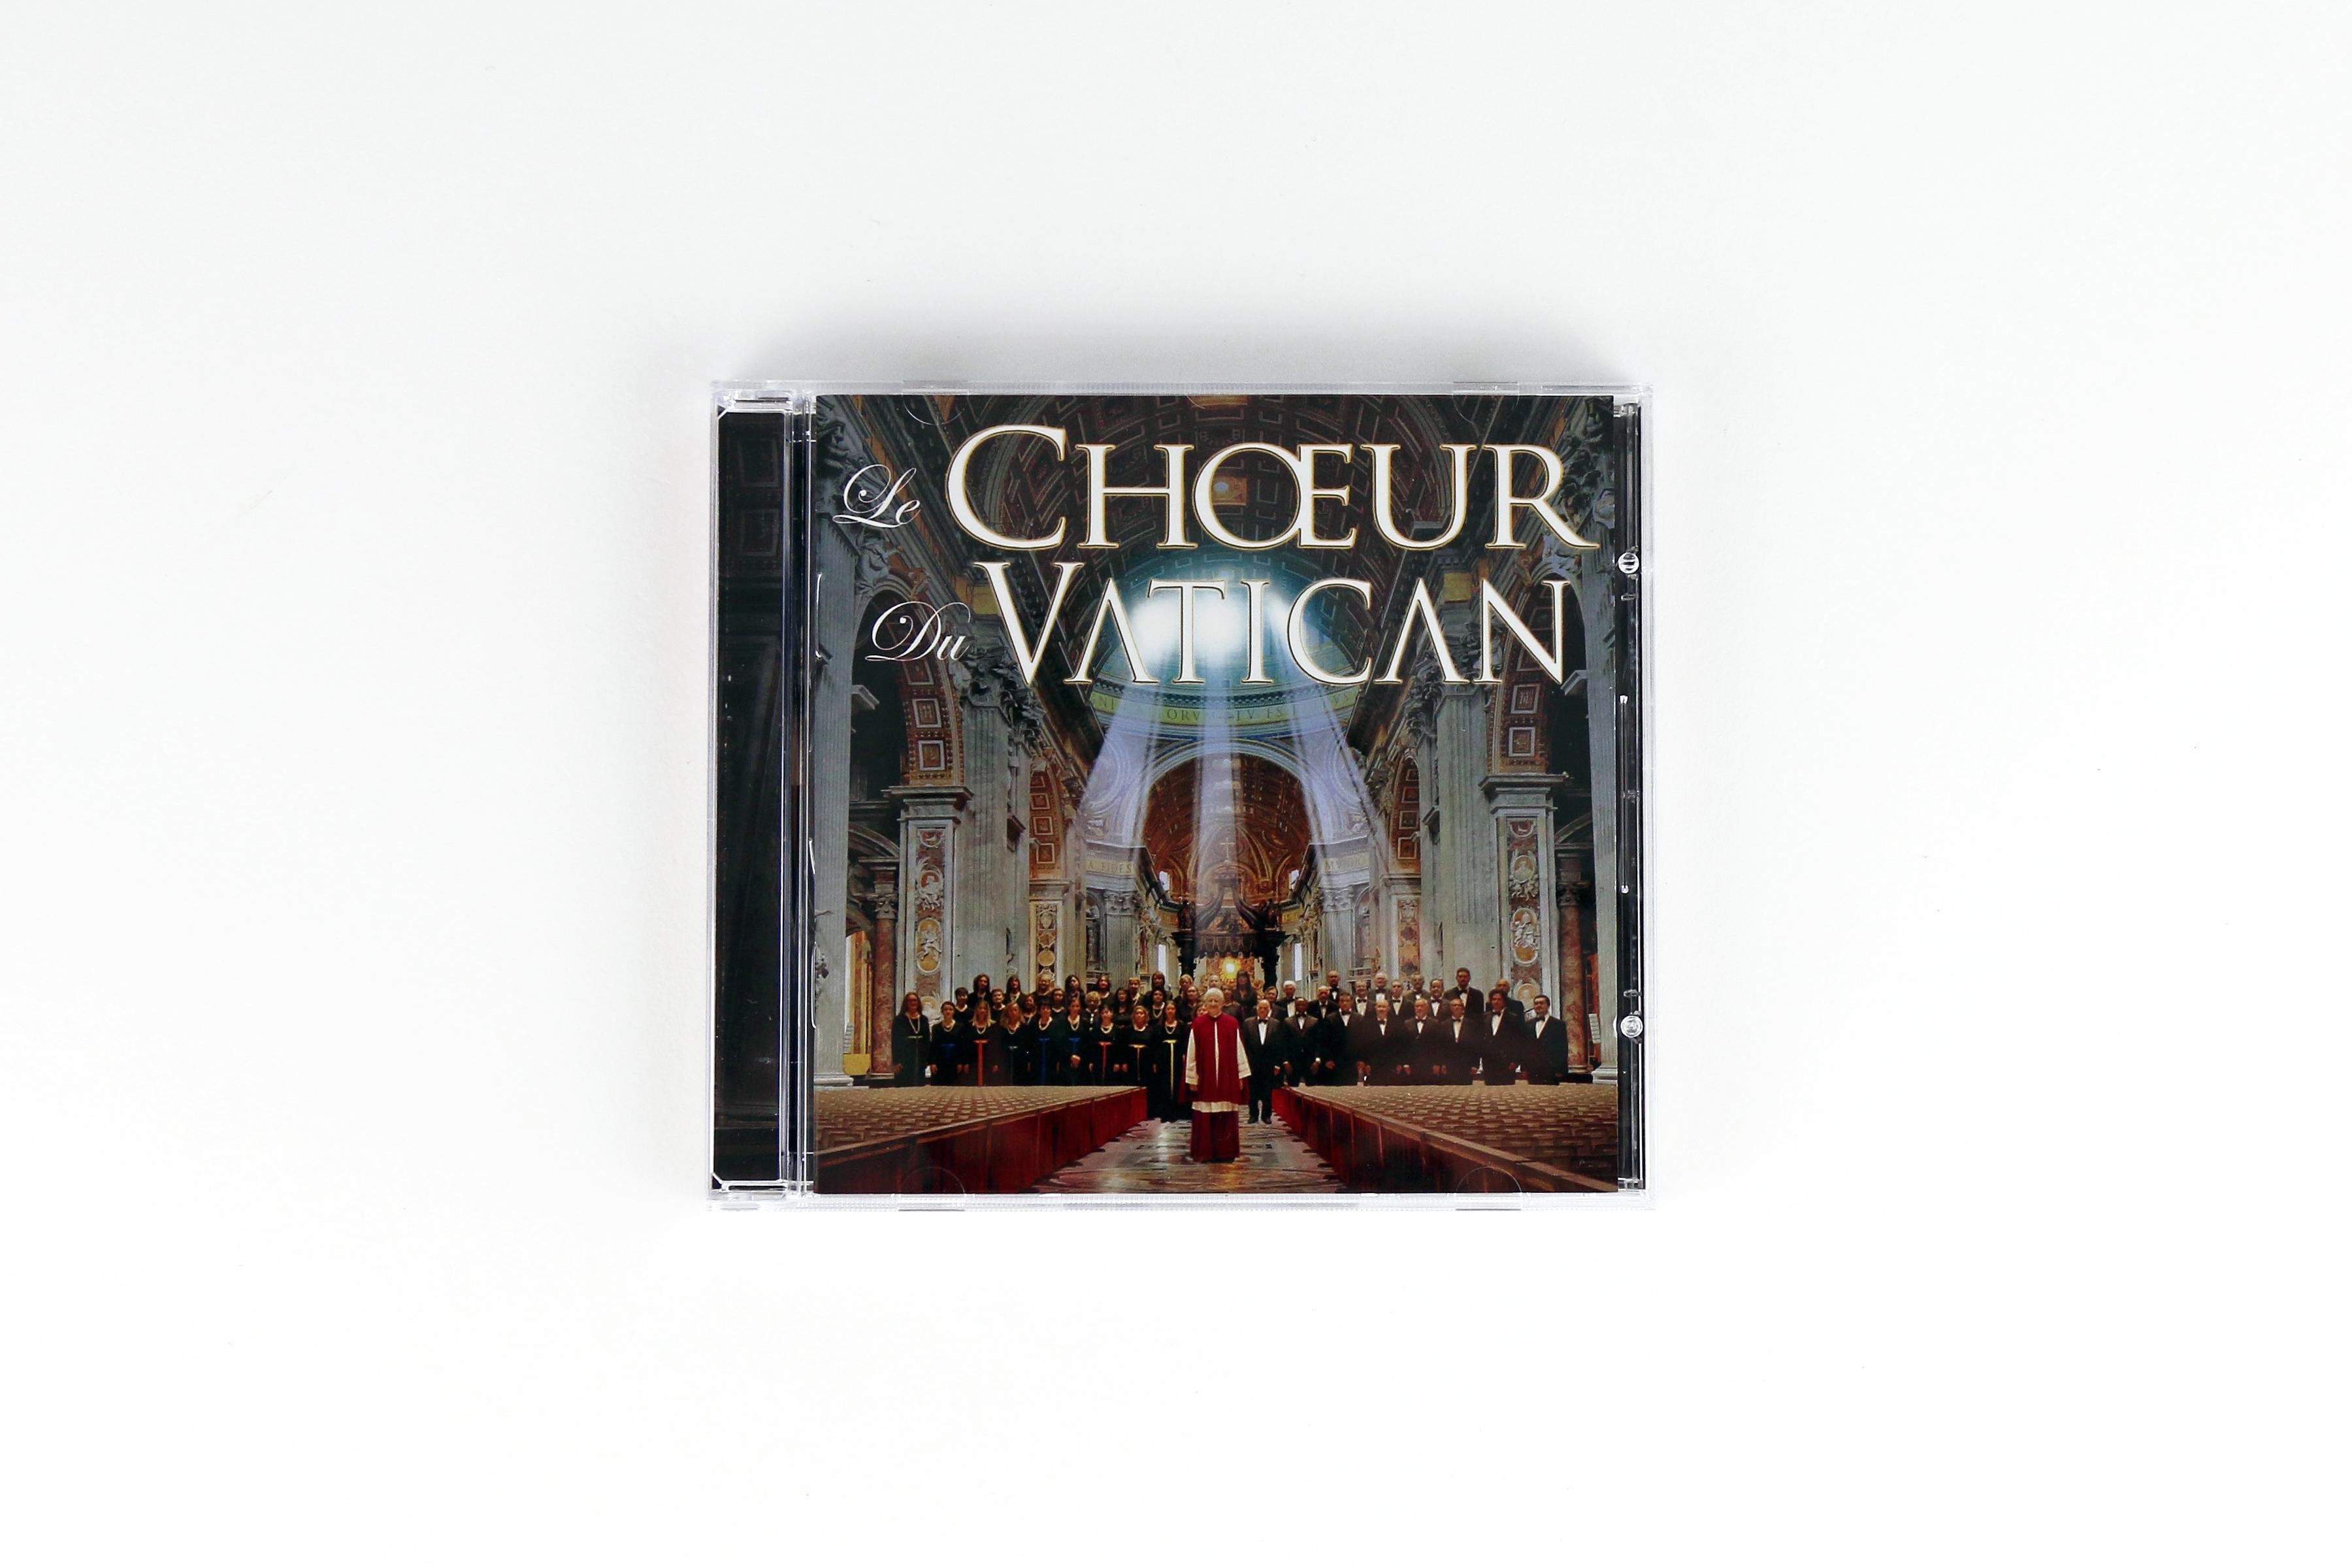 Choeur du Vatican / Vatican Choir